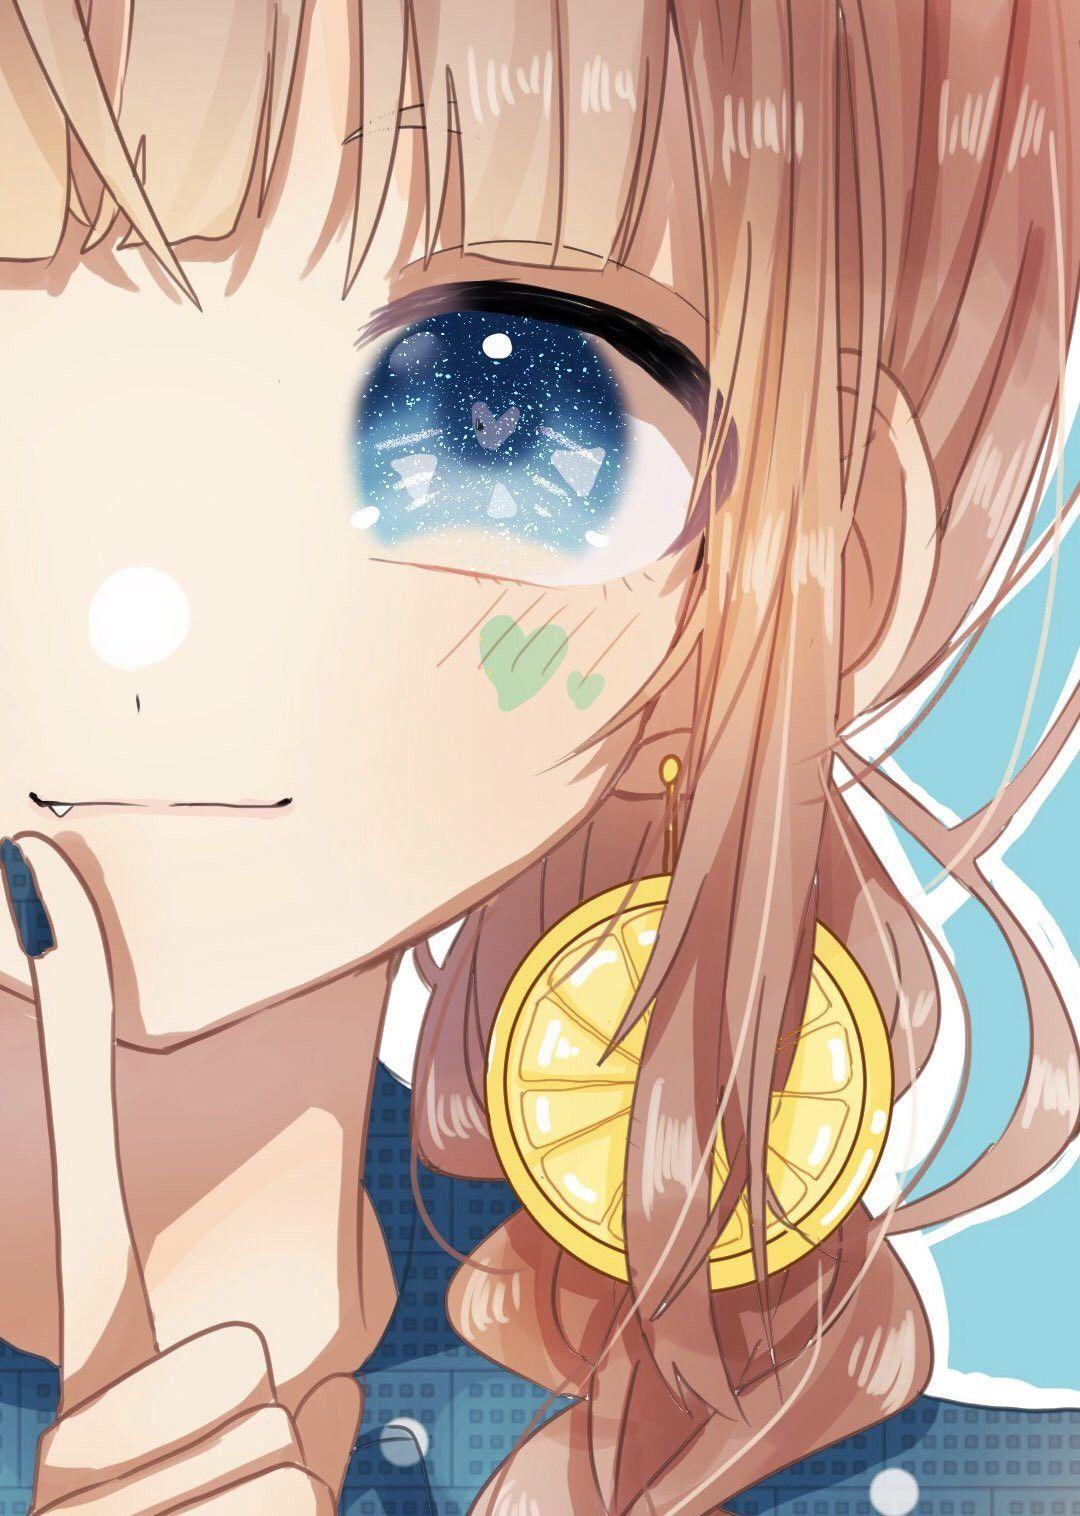 Ghim Của Masure Tren Anime Girls Trong 2020 Nghệ Thuật Anime Anime Minh Họa Manga